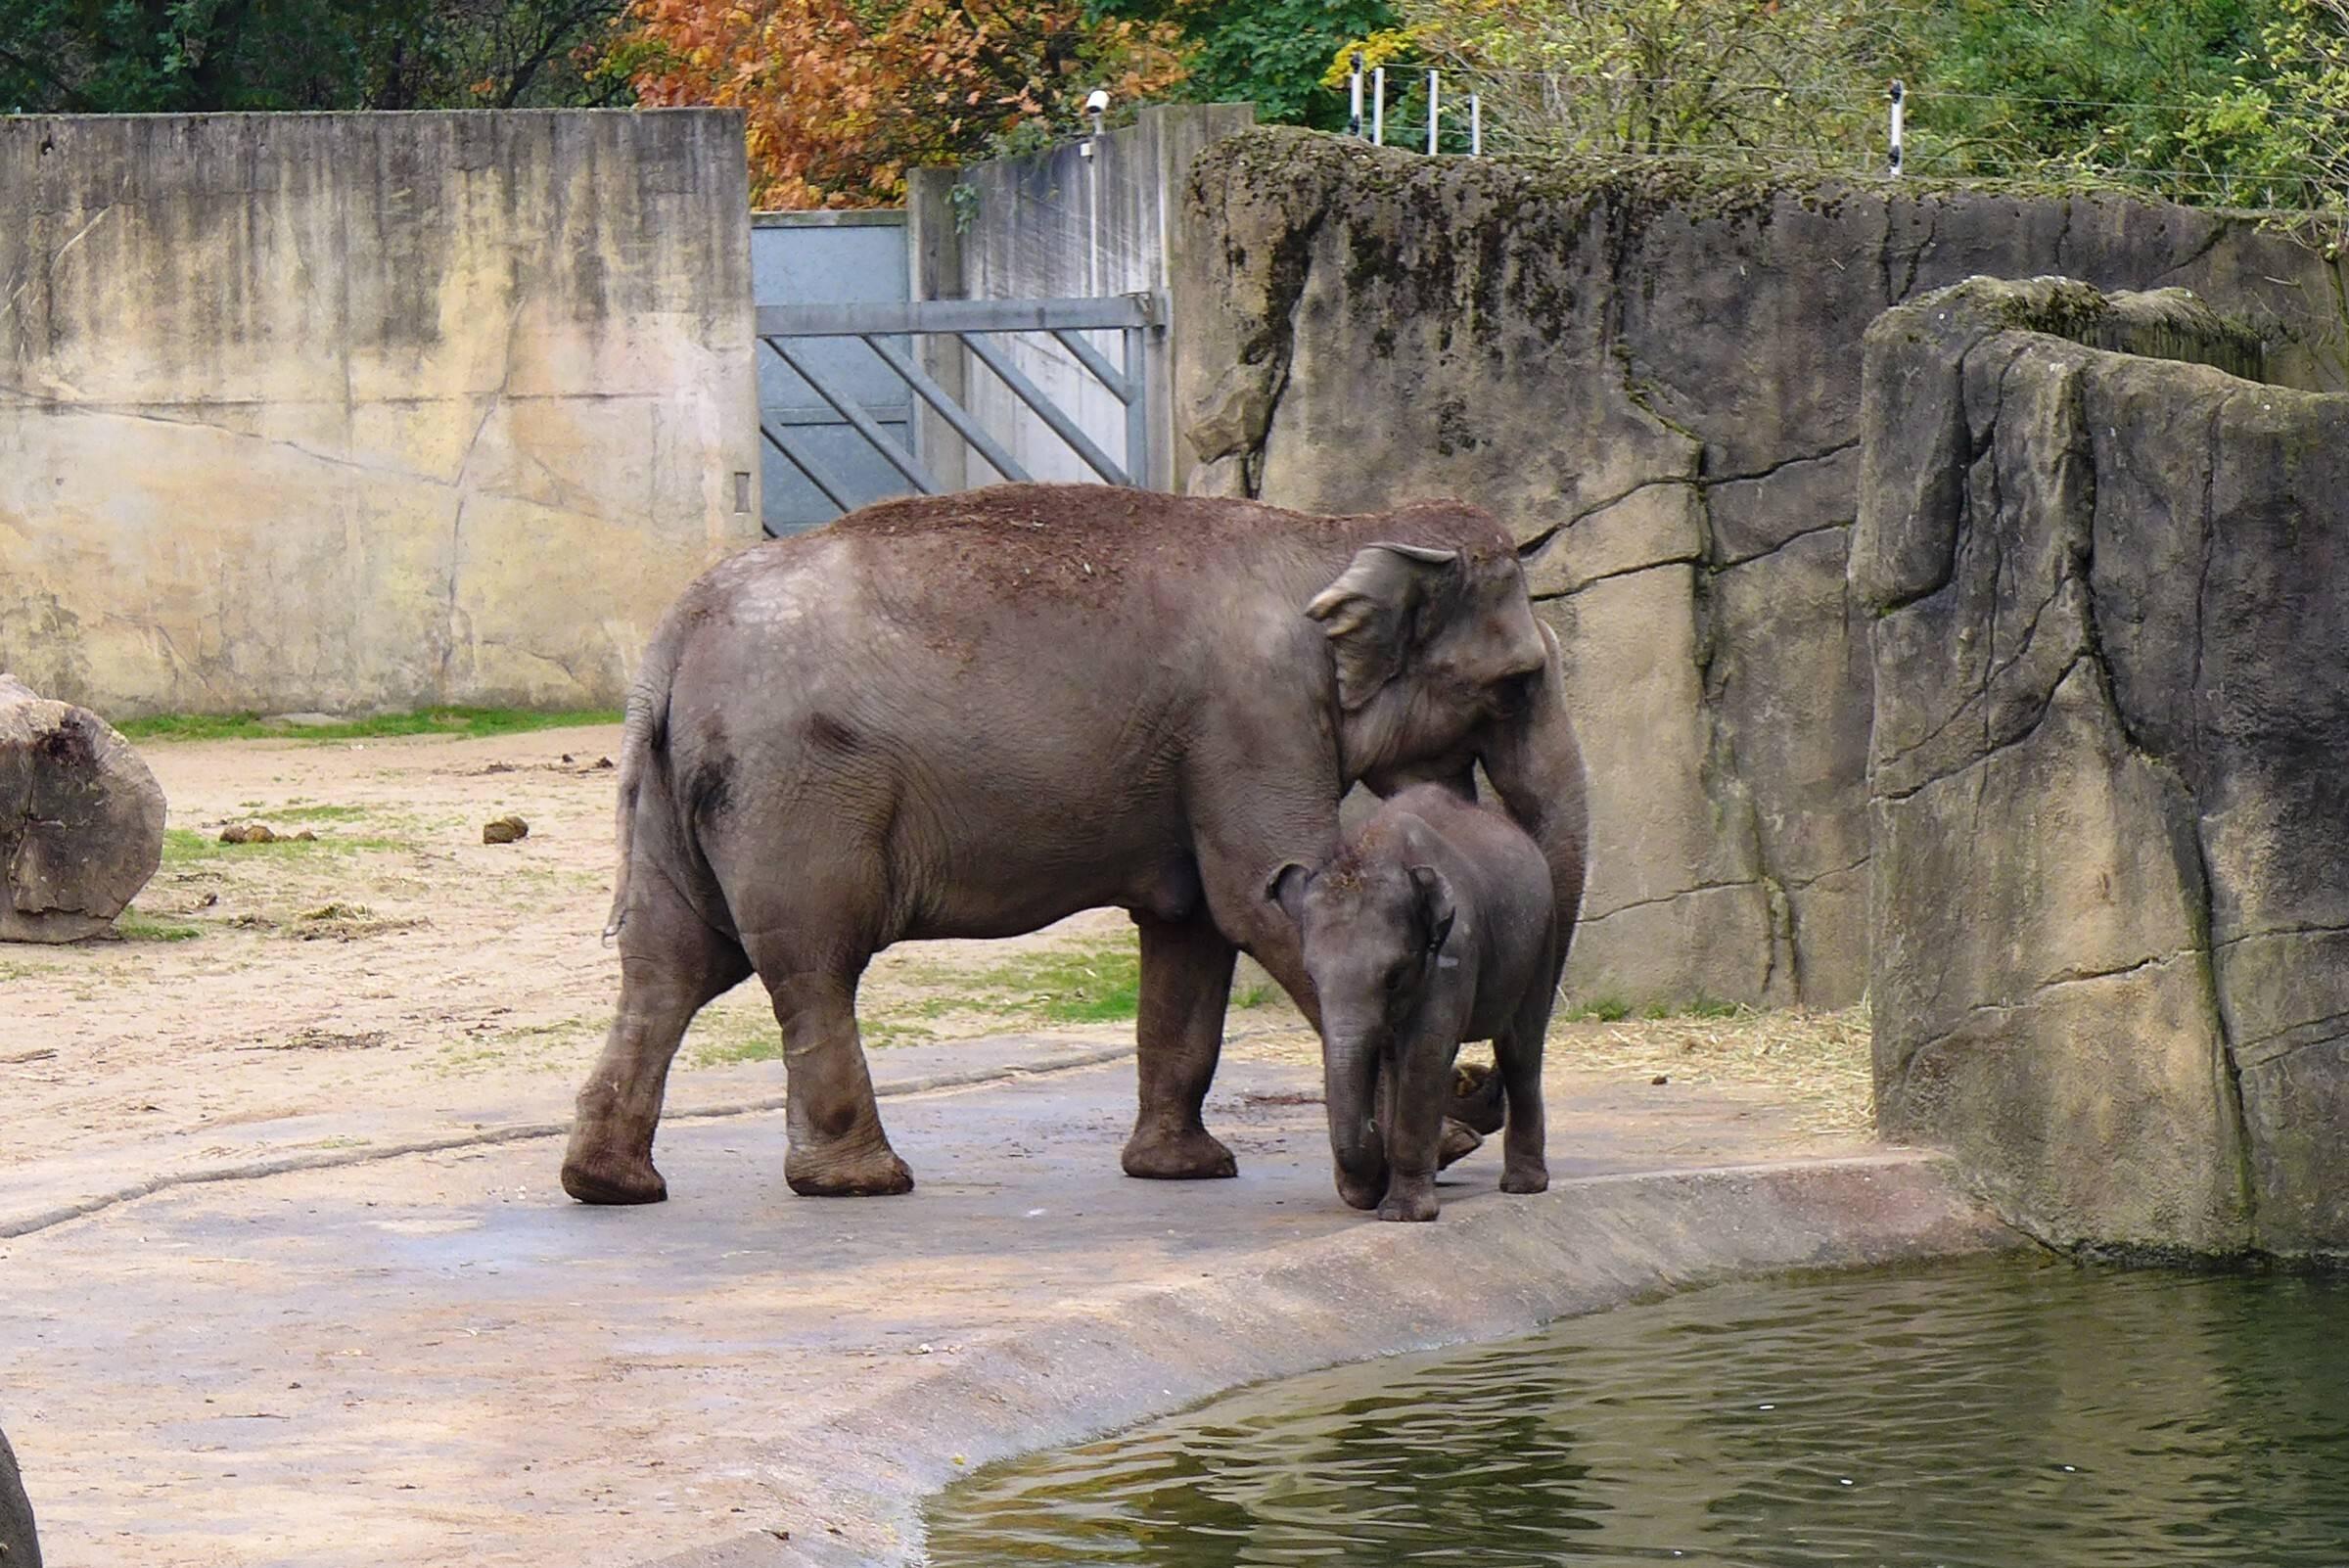 Алматинский зоопарк 2021, алматы. цены, режим работы, официальный сайт, как добраться, фото, видео, отели – туристер.ру